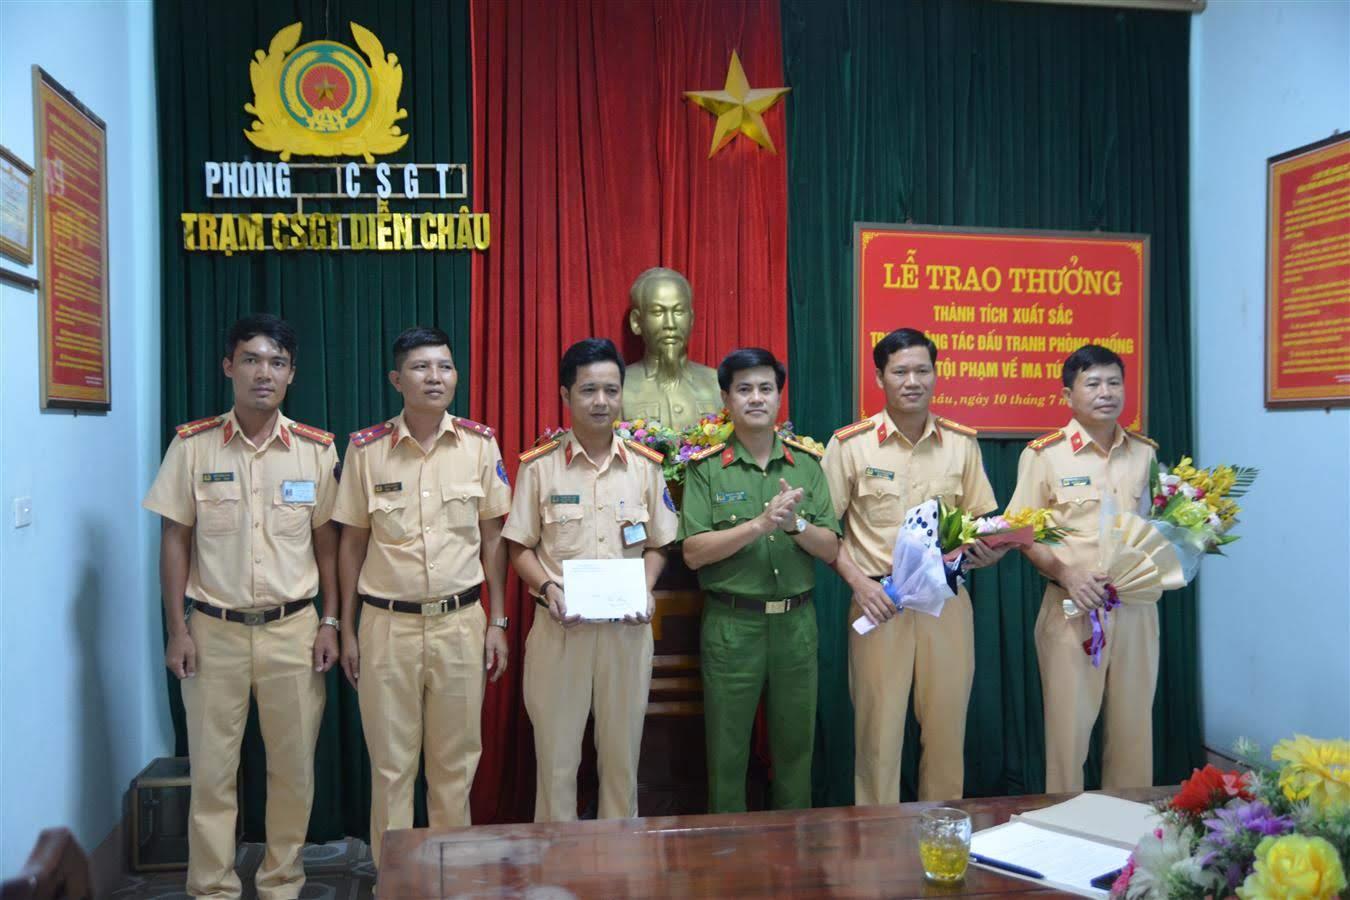 Đại tá Nguyễn Đức Hải, Phó Giám đốc Công an Nghệ An đã tặng hoa chúc mừng cán bộ chiến sĩ Trạm CSGT Diễn Châu